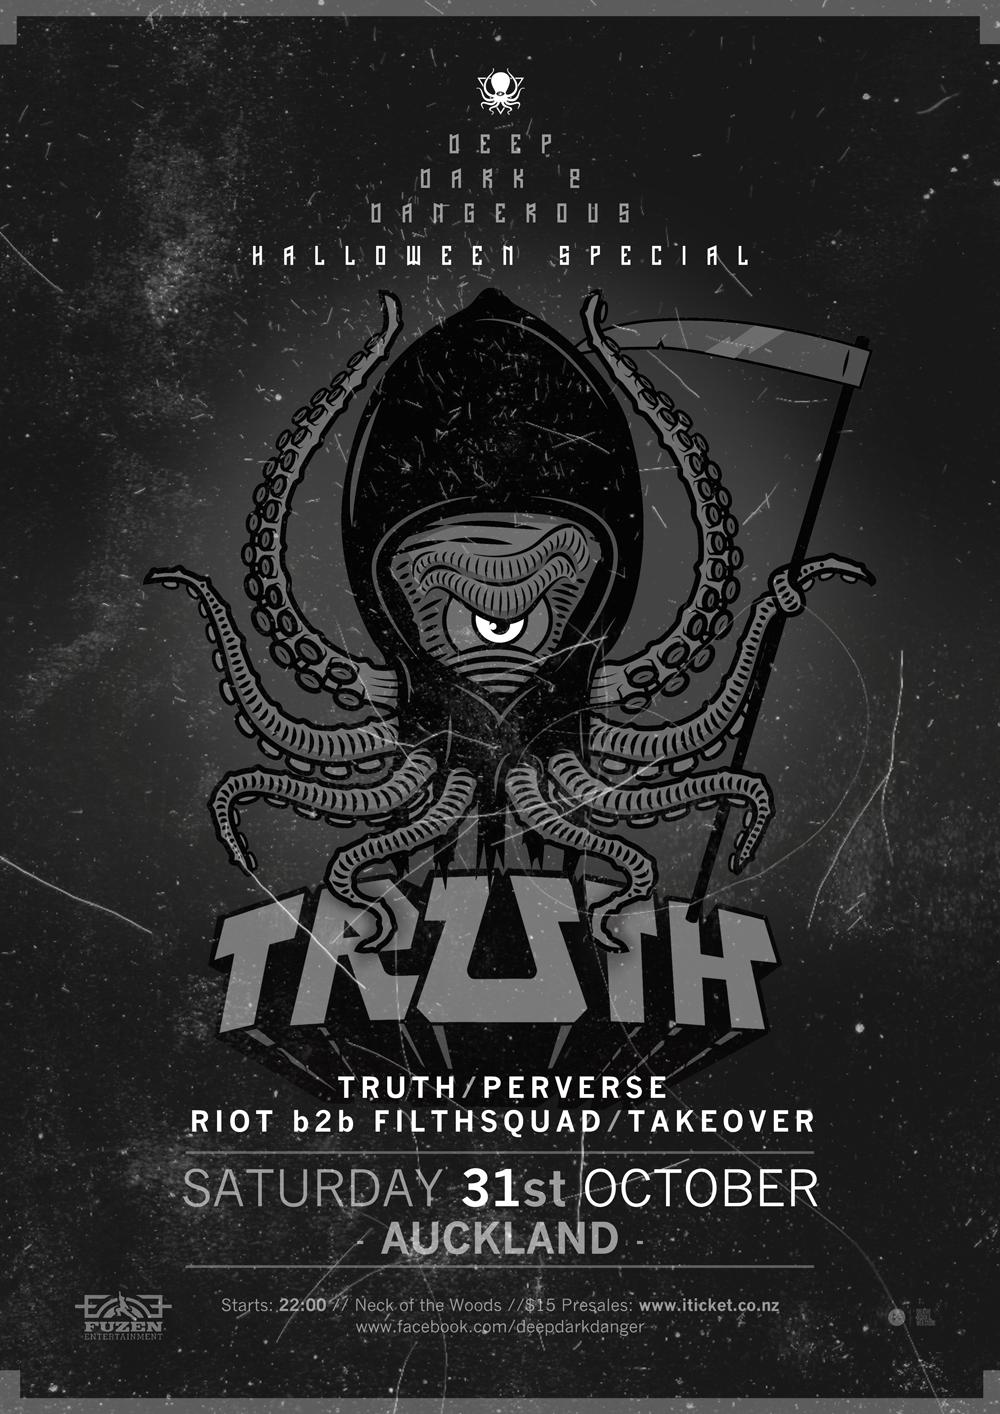 TRUTH_Auckland_Hallowen_TSP_poster_artwork.png